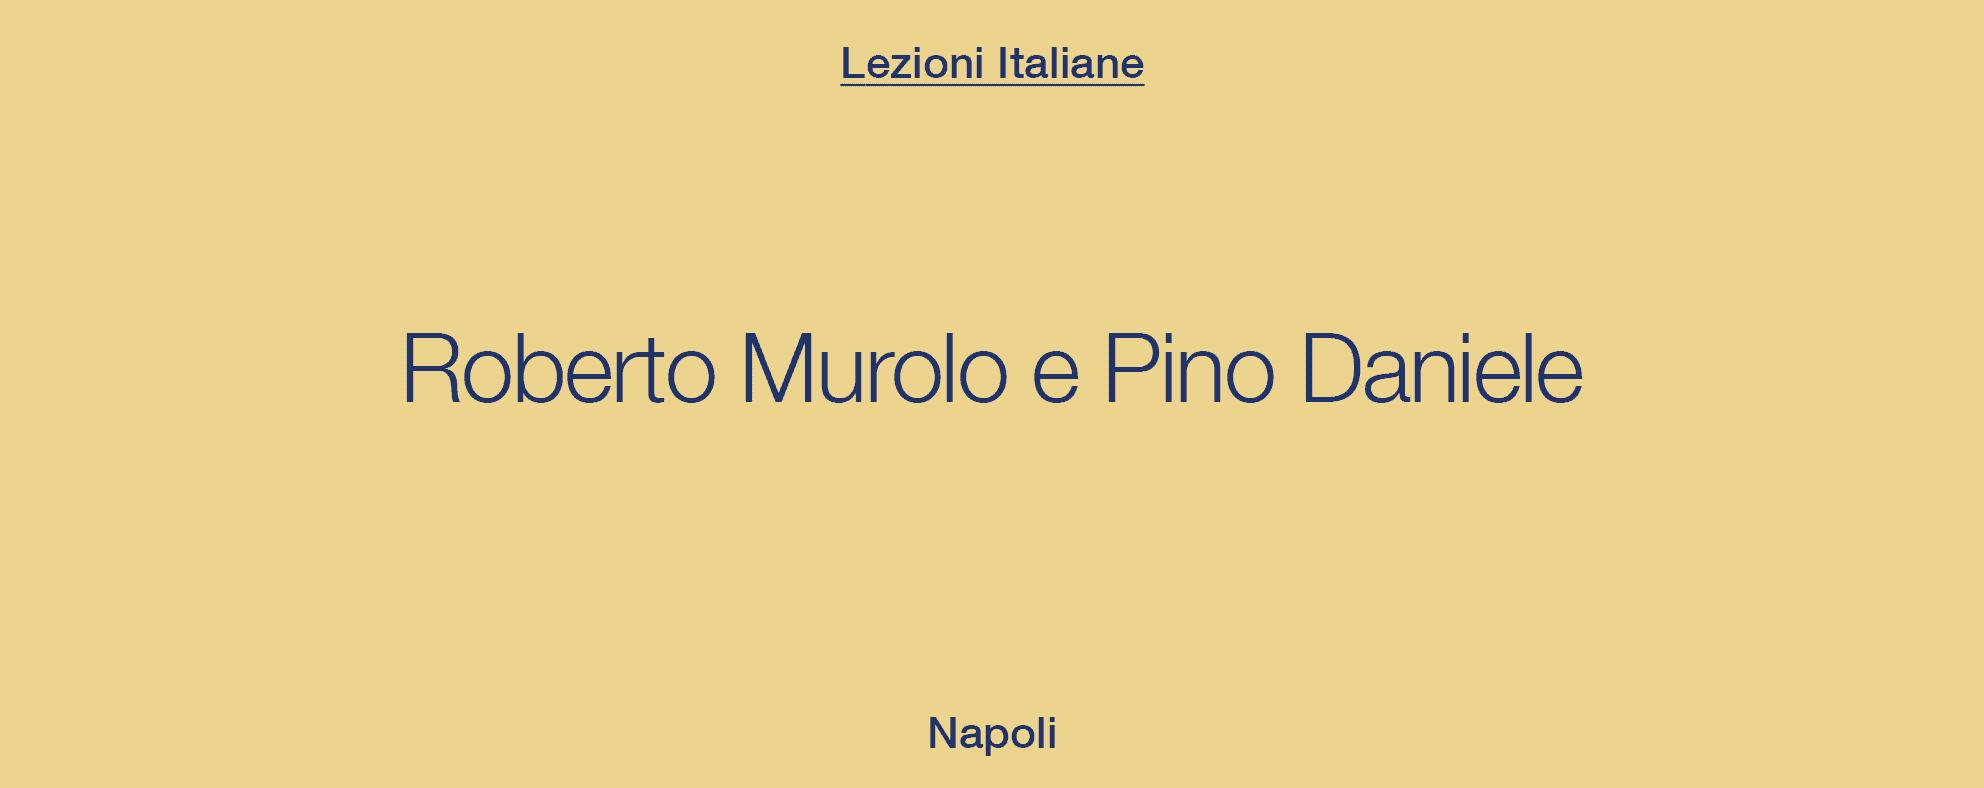 Note d'Italia – Napoli, Daniele Stefani canta Murolo e Pino Daniele